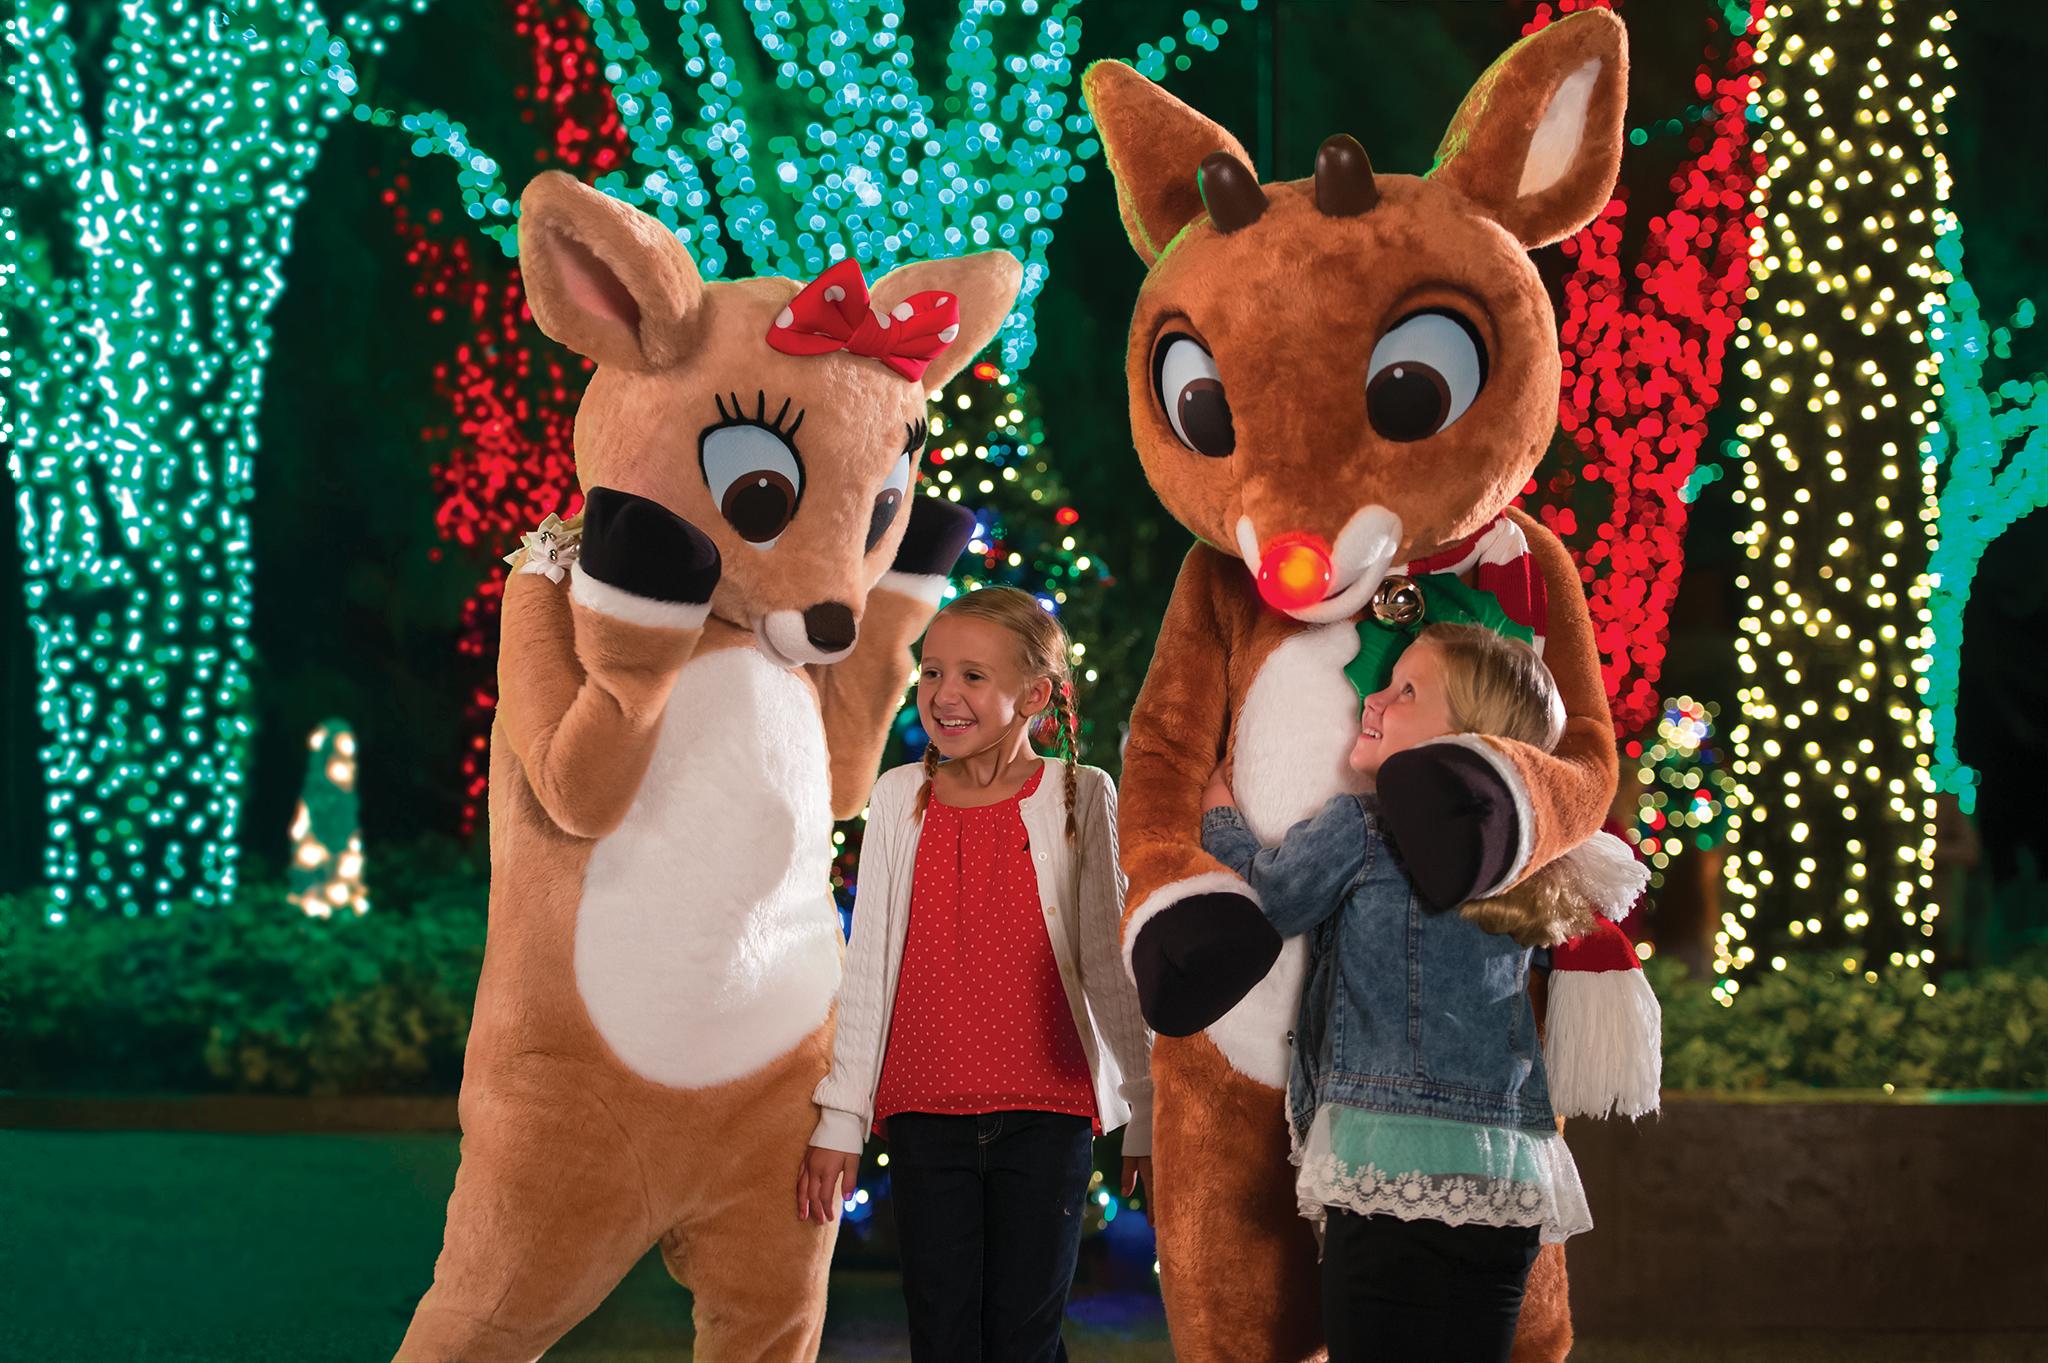 Busch gardens christmas town 2016 get the best deal of - Busch gardens christmas town prices ...